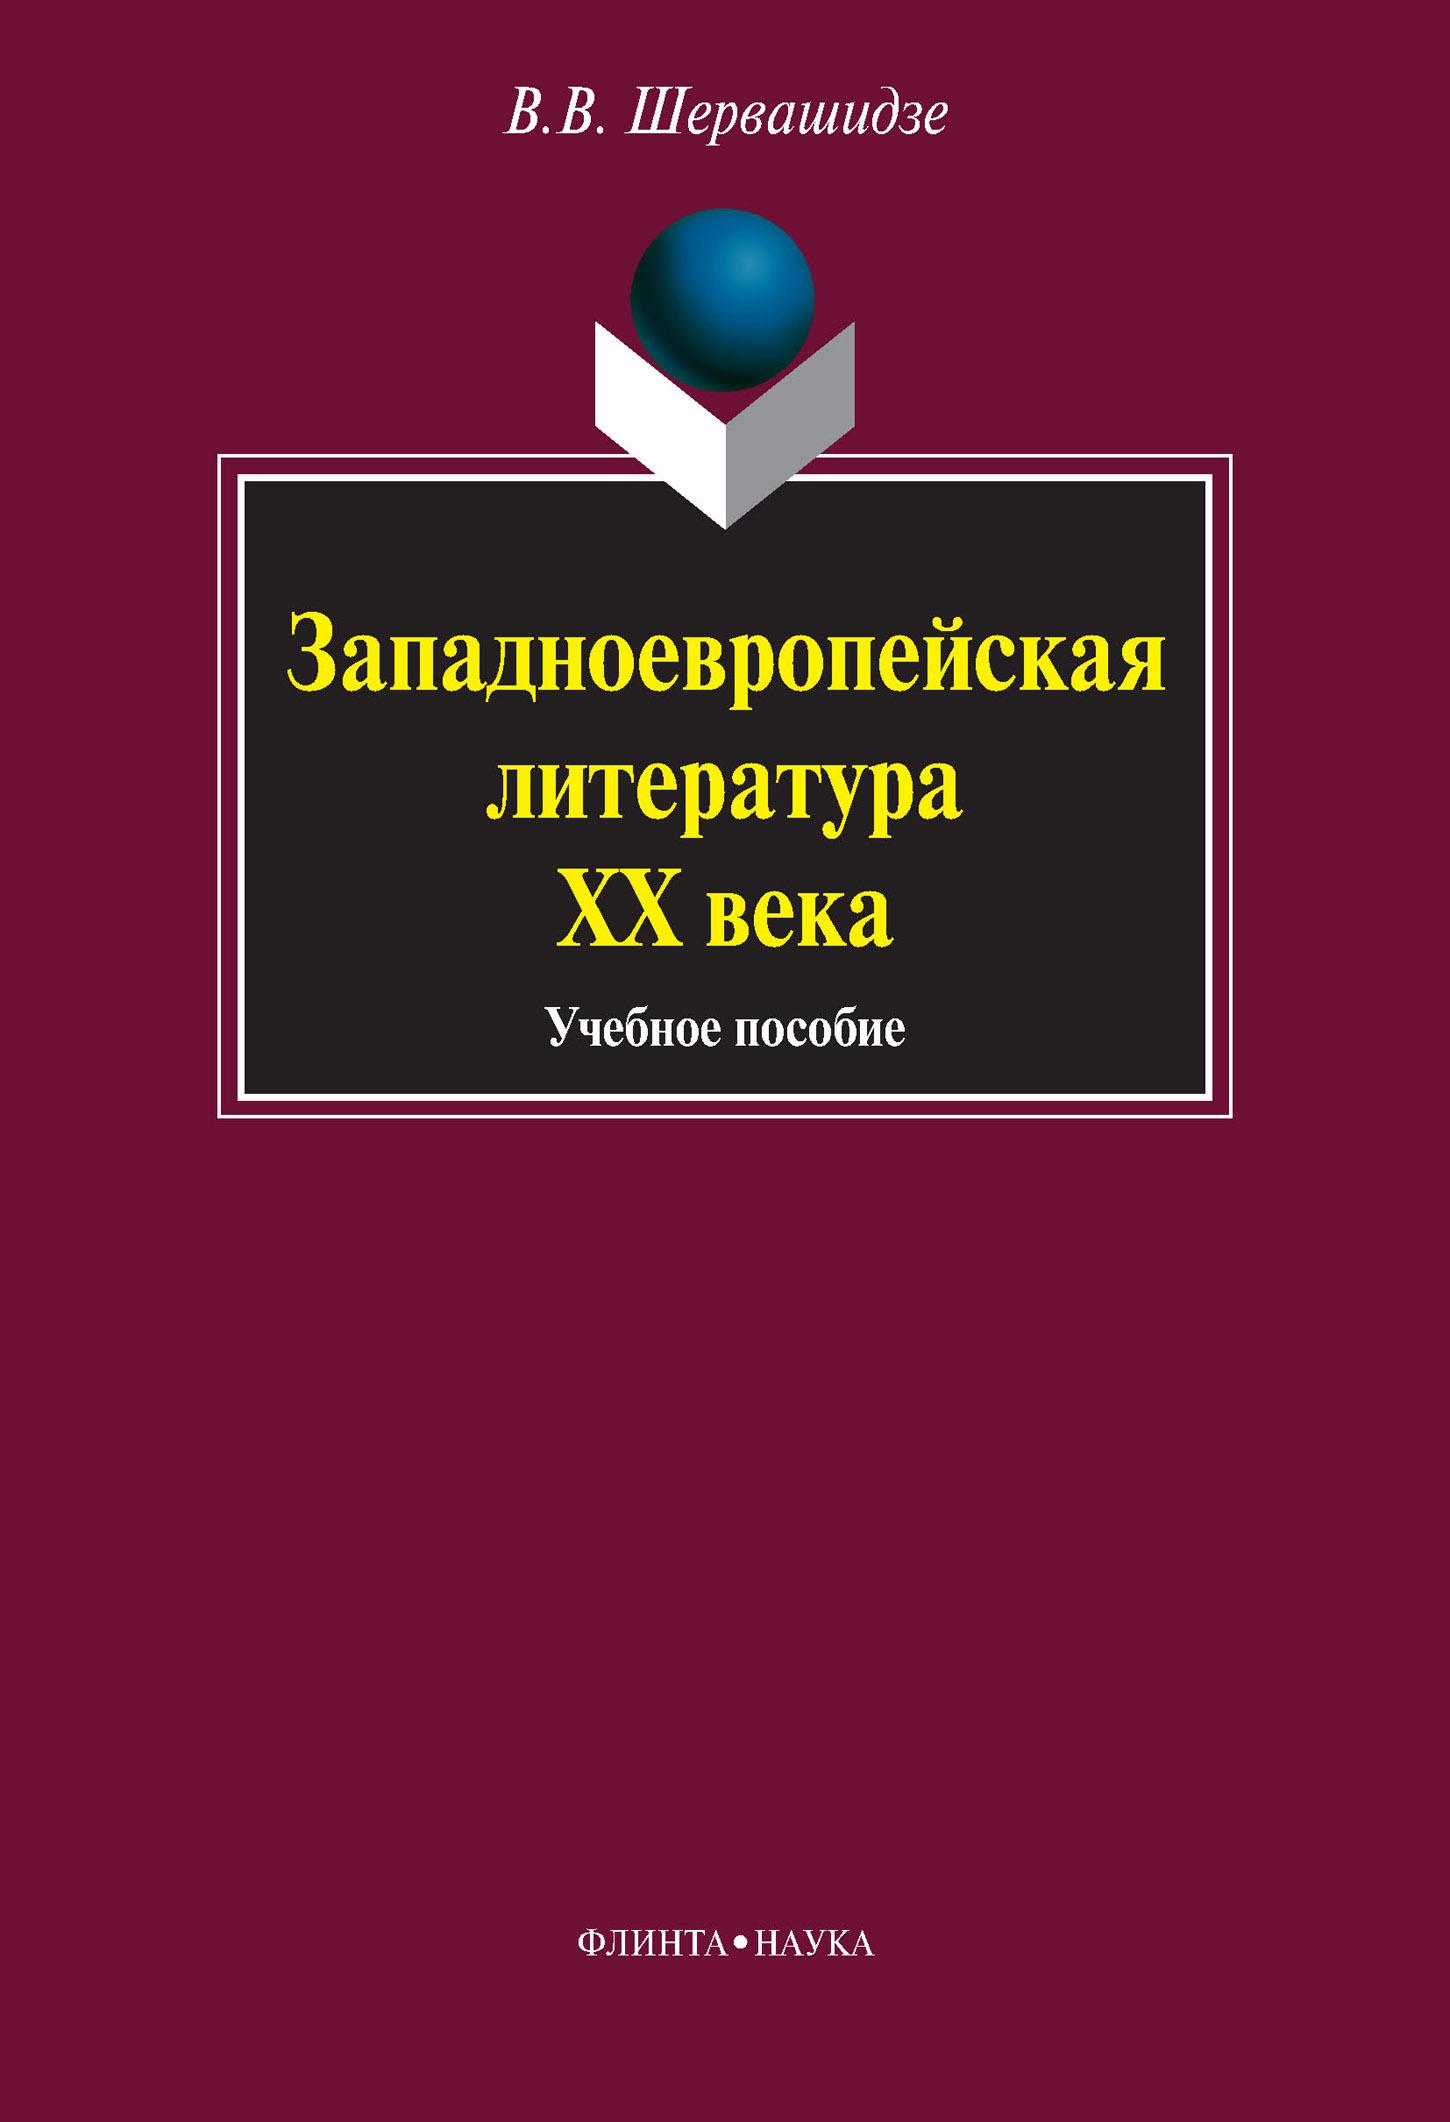 Западноевропейская литература ХХ века. Учебное пособие